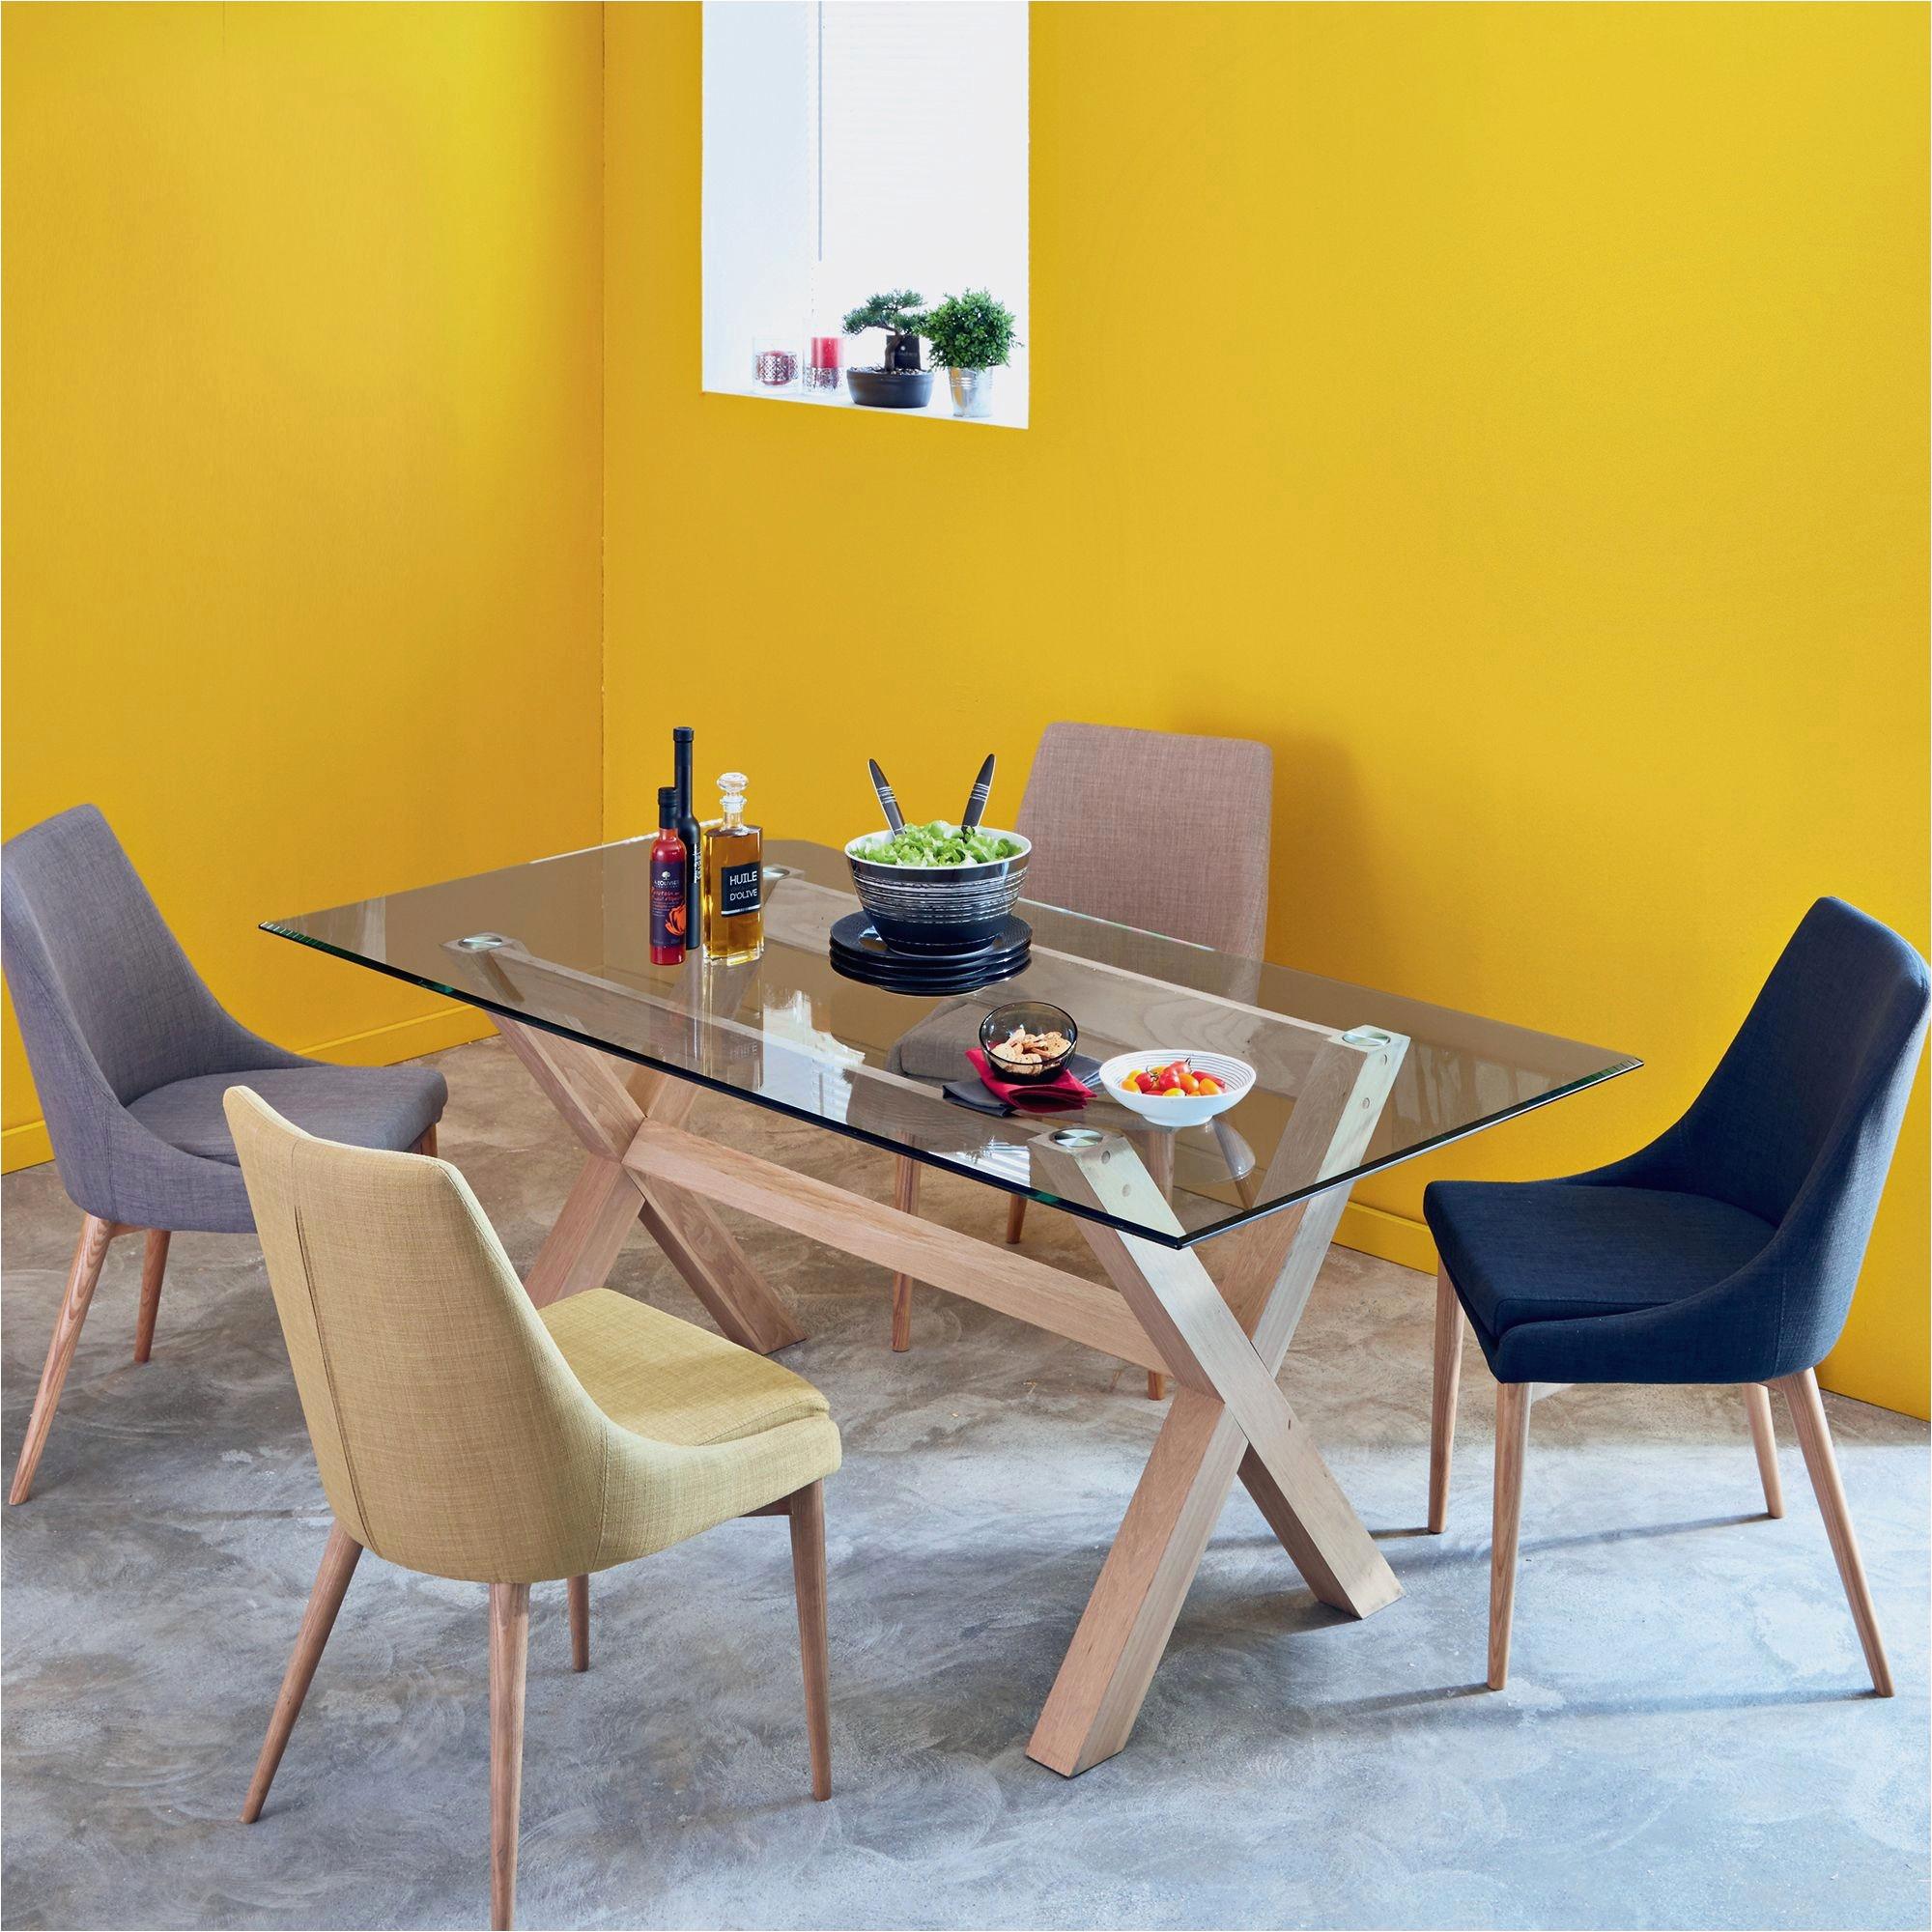 Salon De Jardin Babou Inspirant Photos Babou Table De Jardin Pour Avant toute Chose Table Et Chaise De